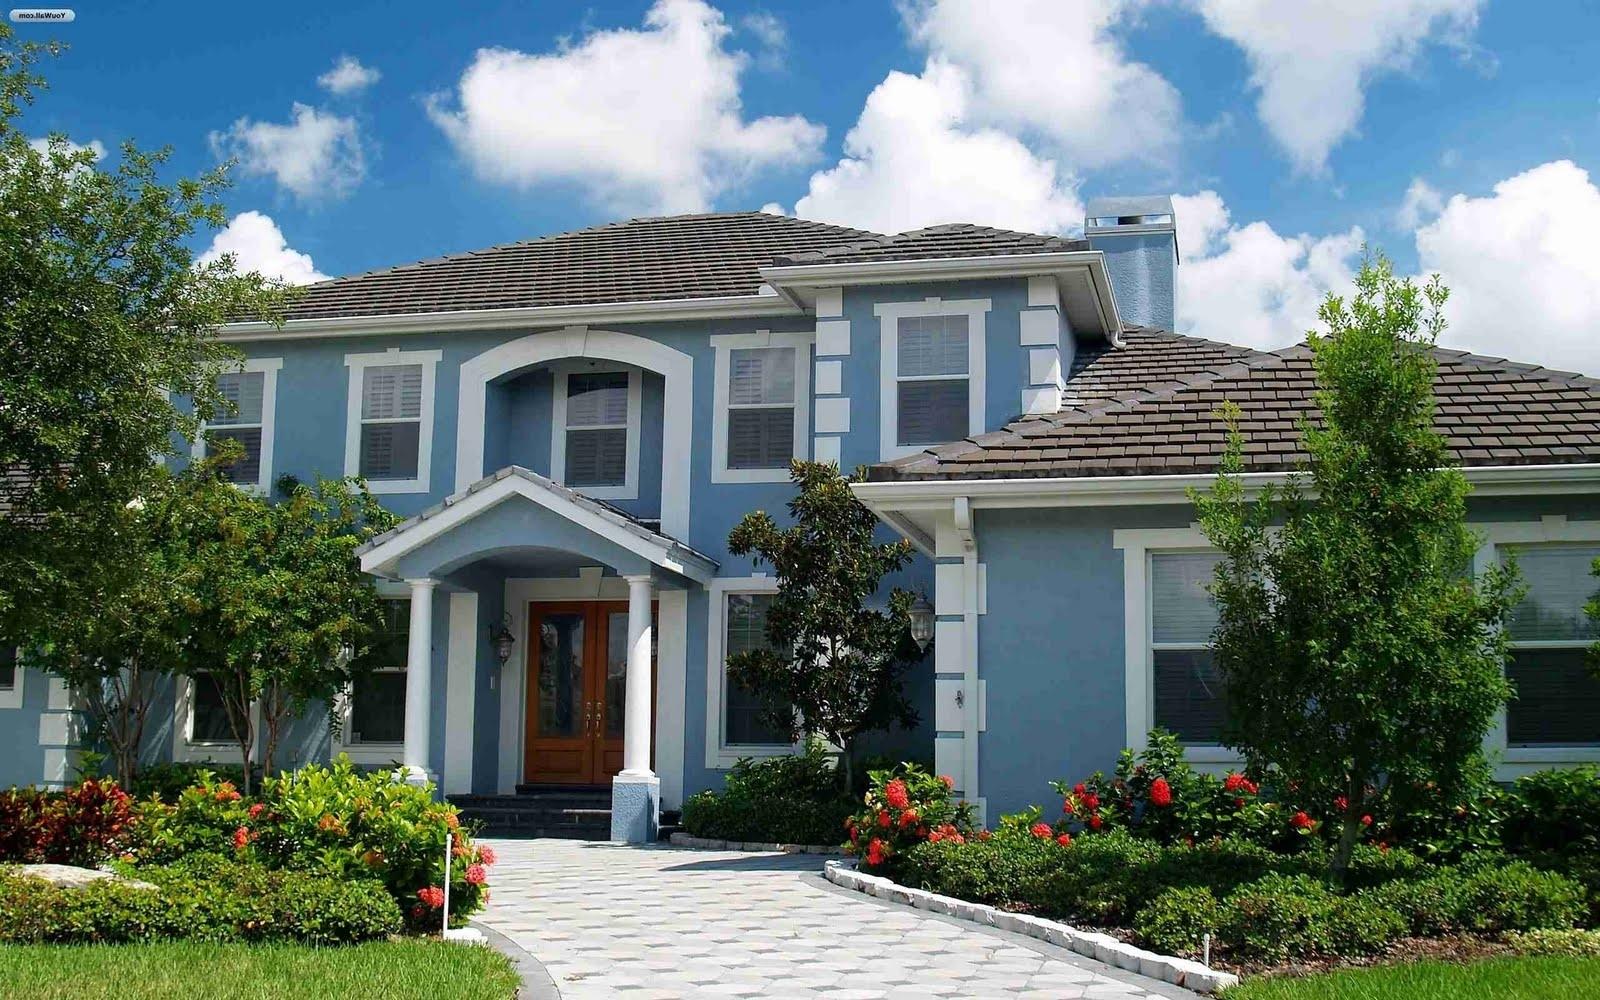 Gorgeous House Exterior Paint Colors Ideas 554 Exterior